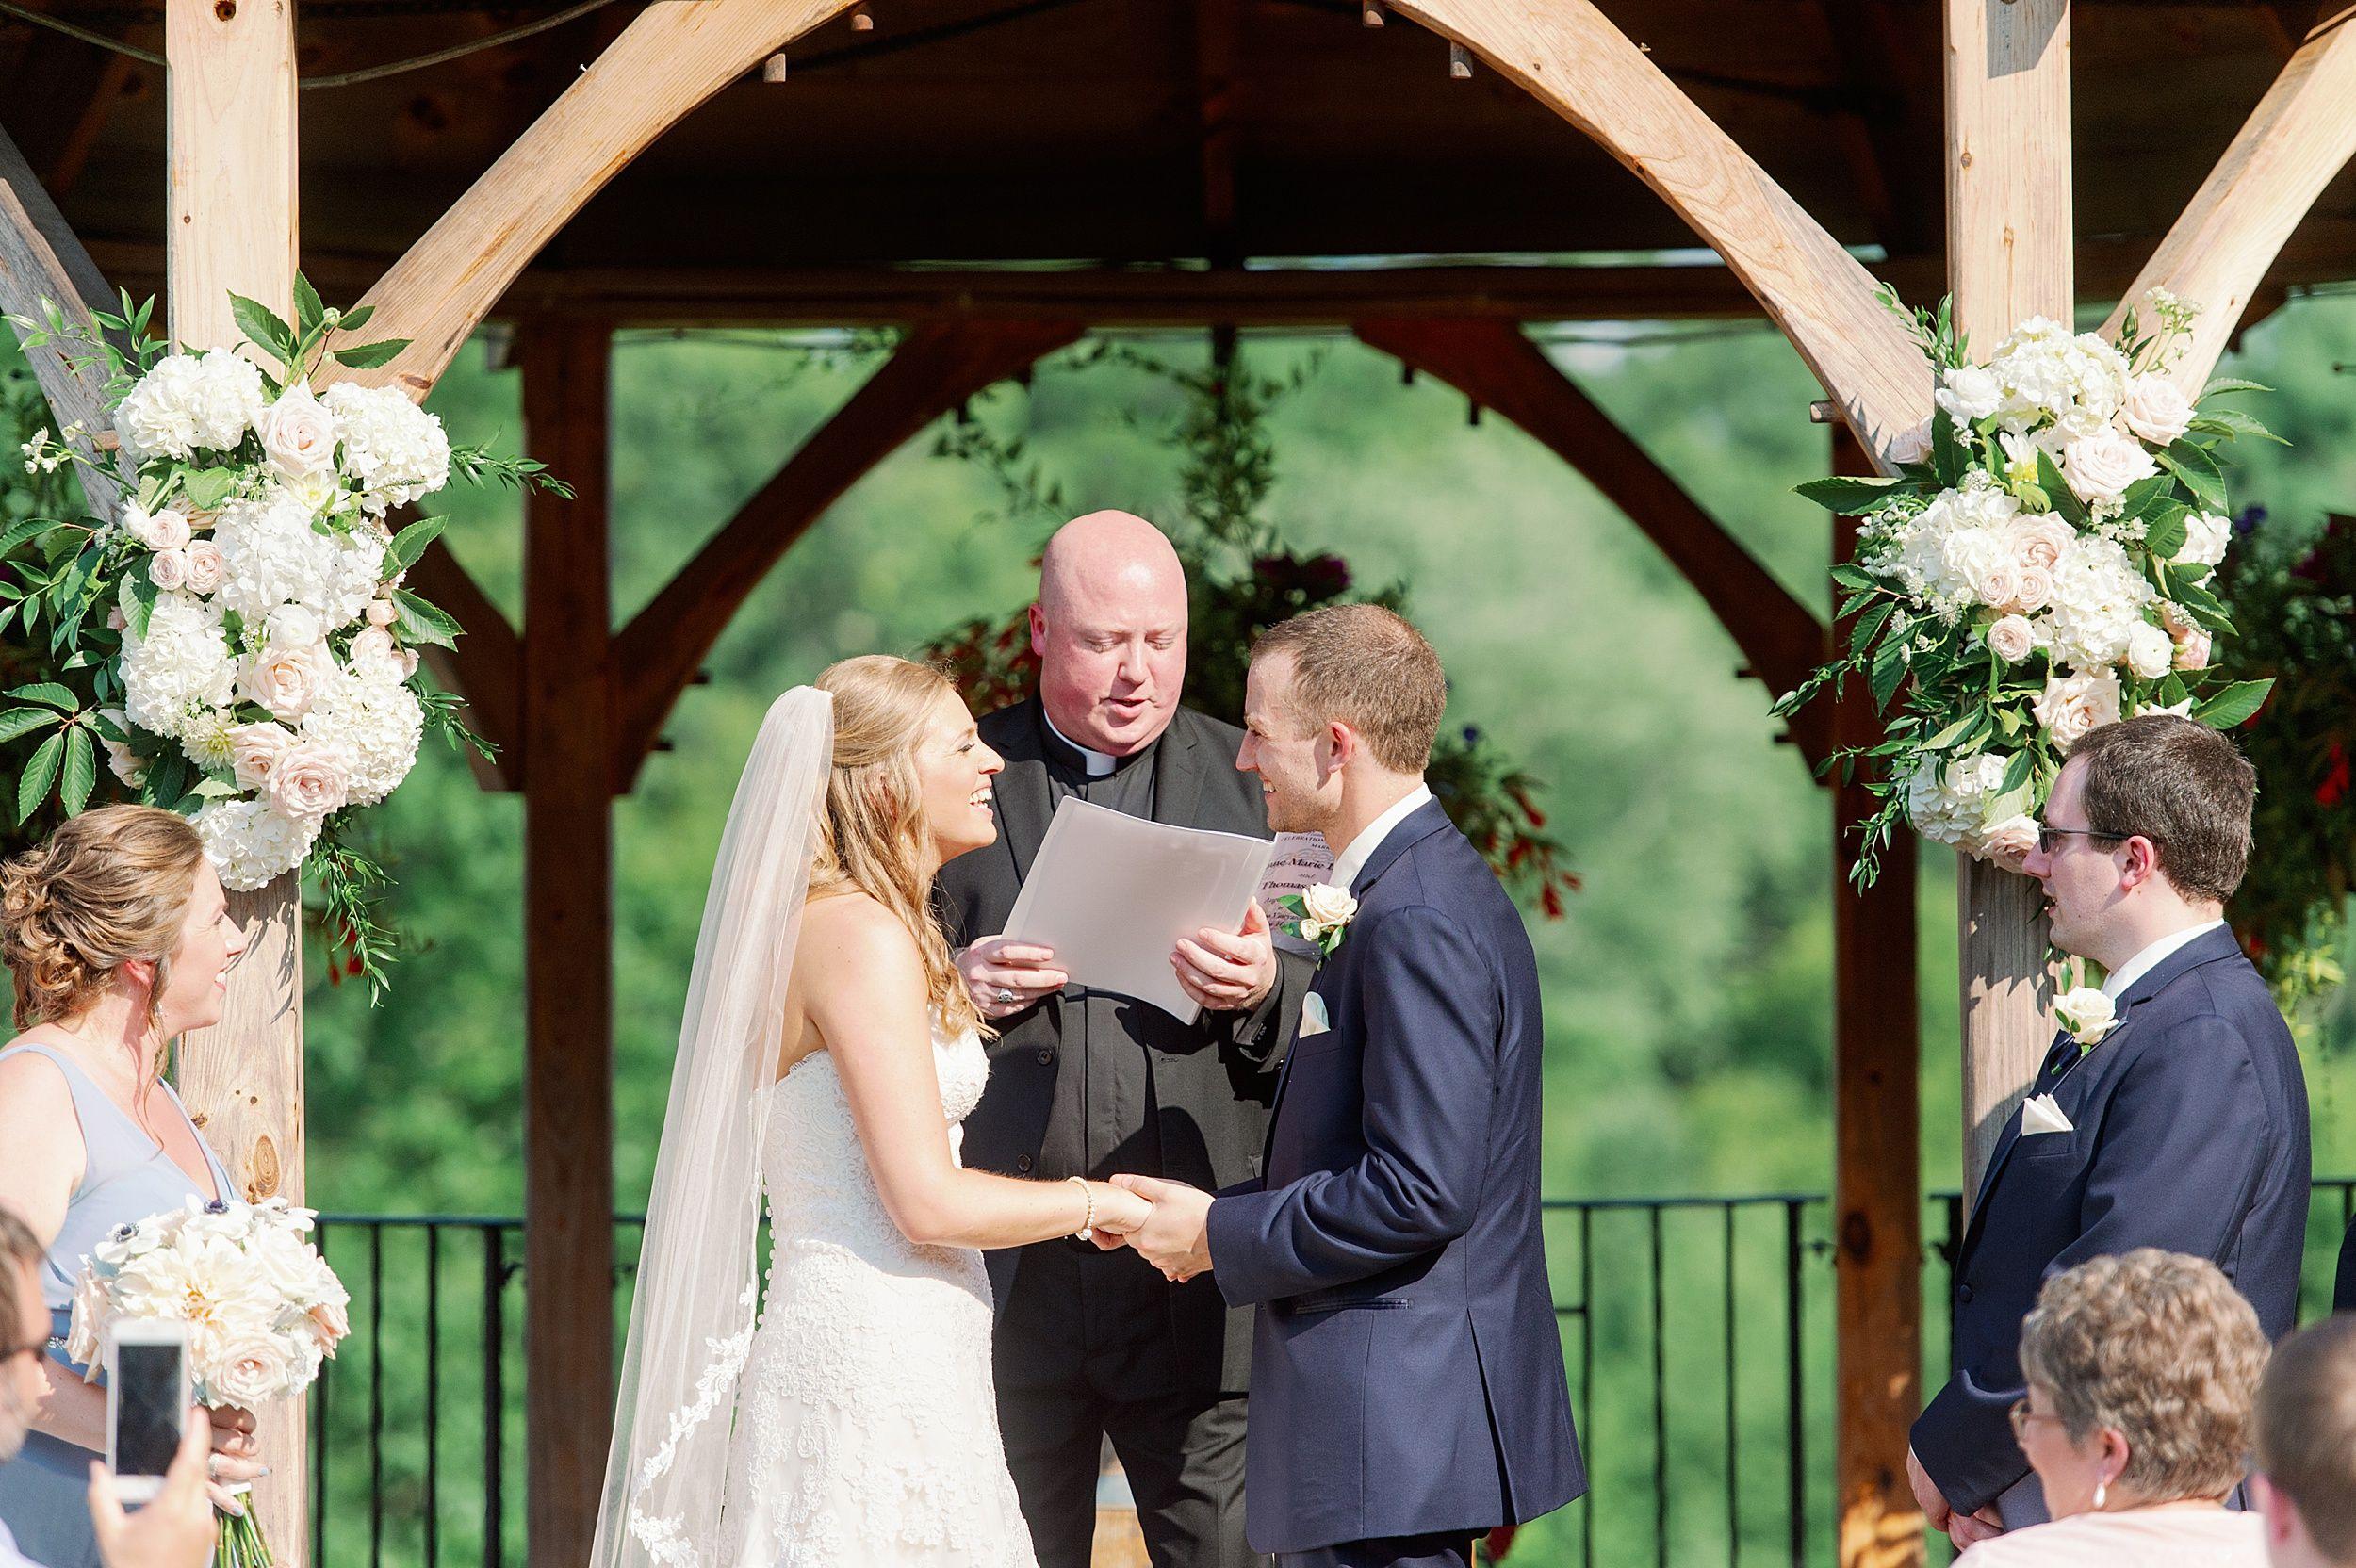 Zorvino Vineyards Wedding Lynne Reznick Photography In 2020 Zorvino Vineyard Vineyard Wedding Wedding